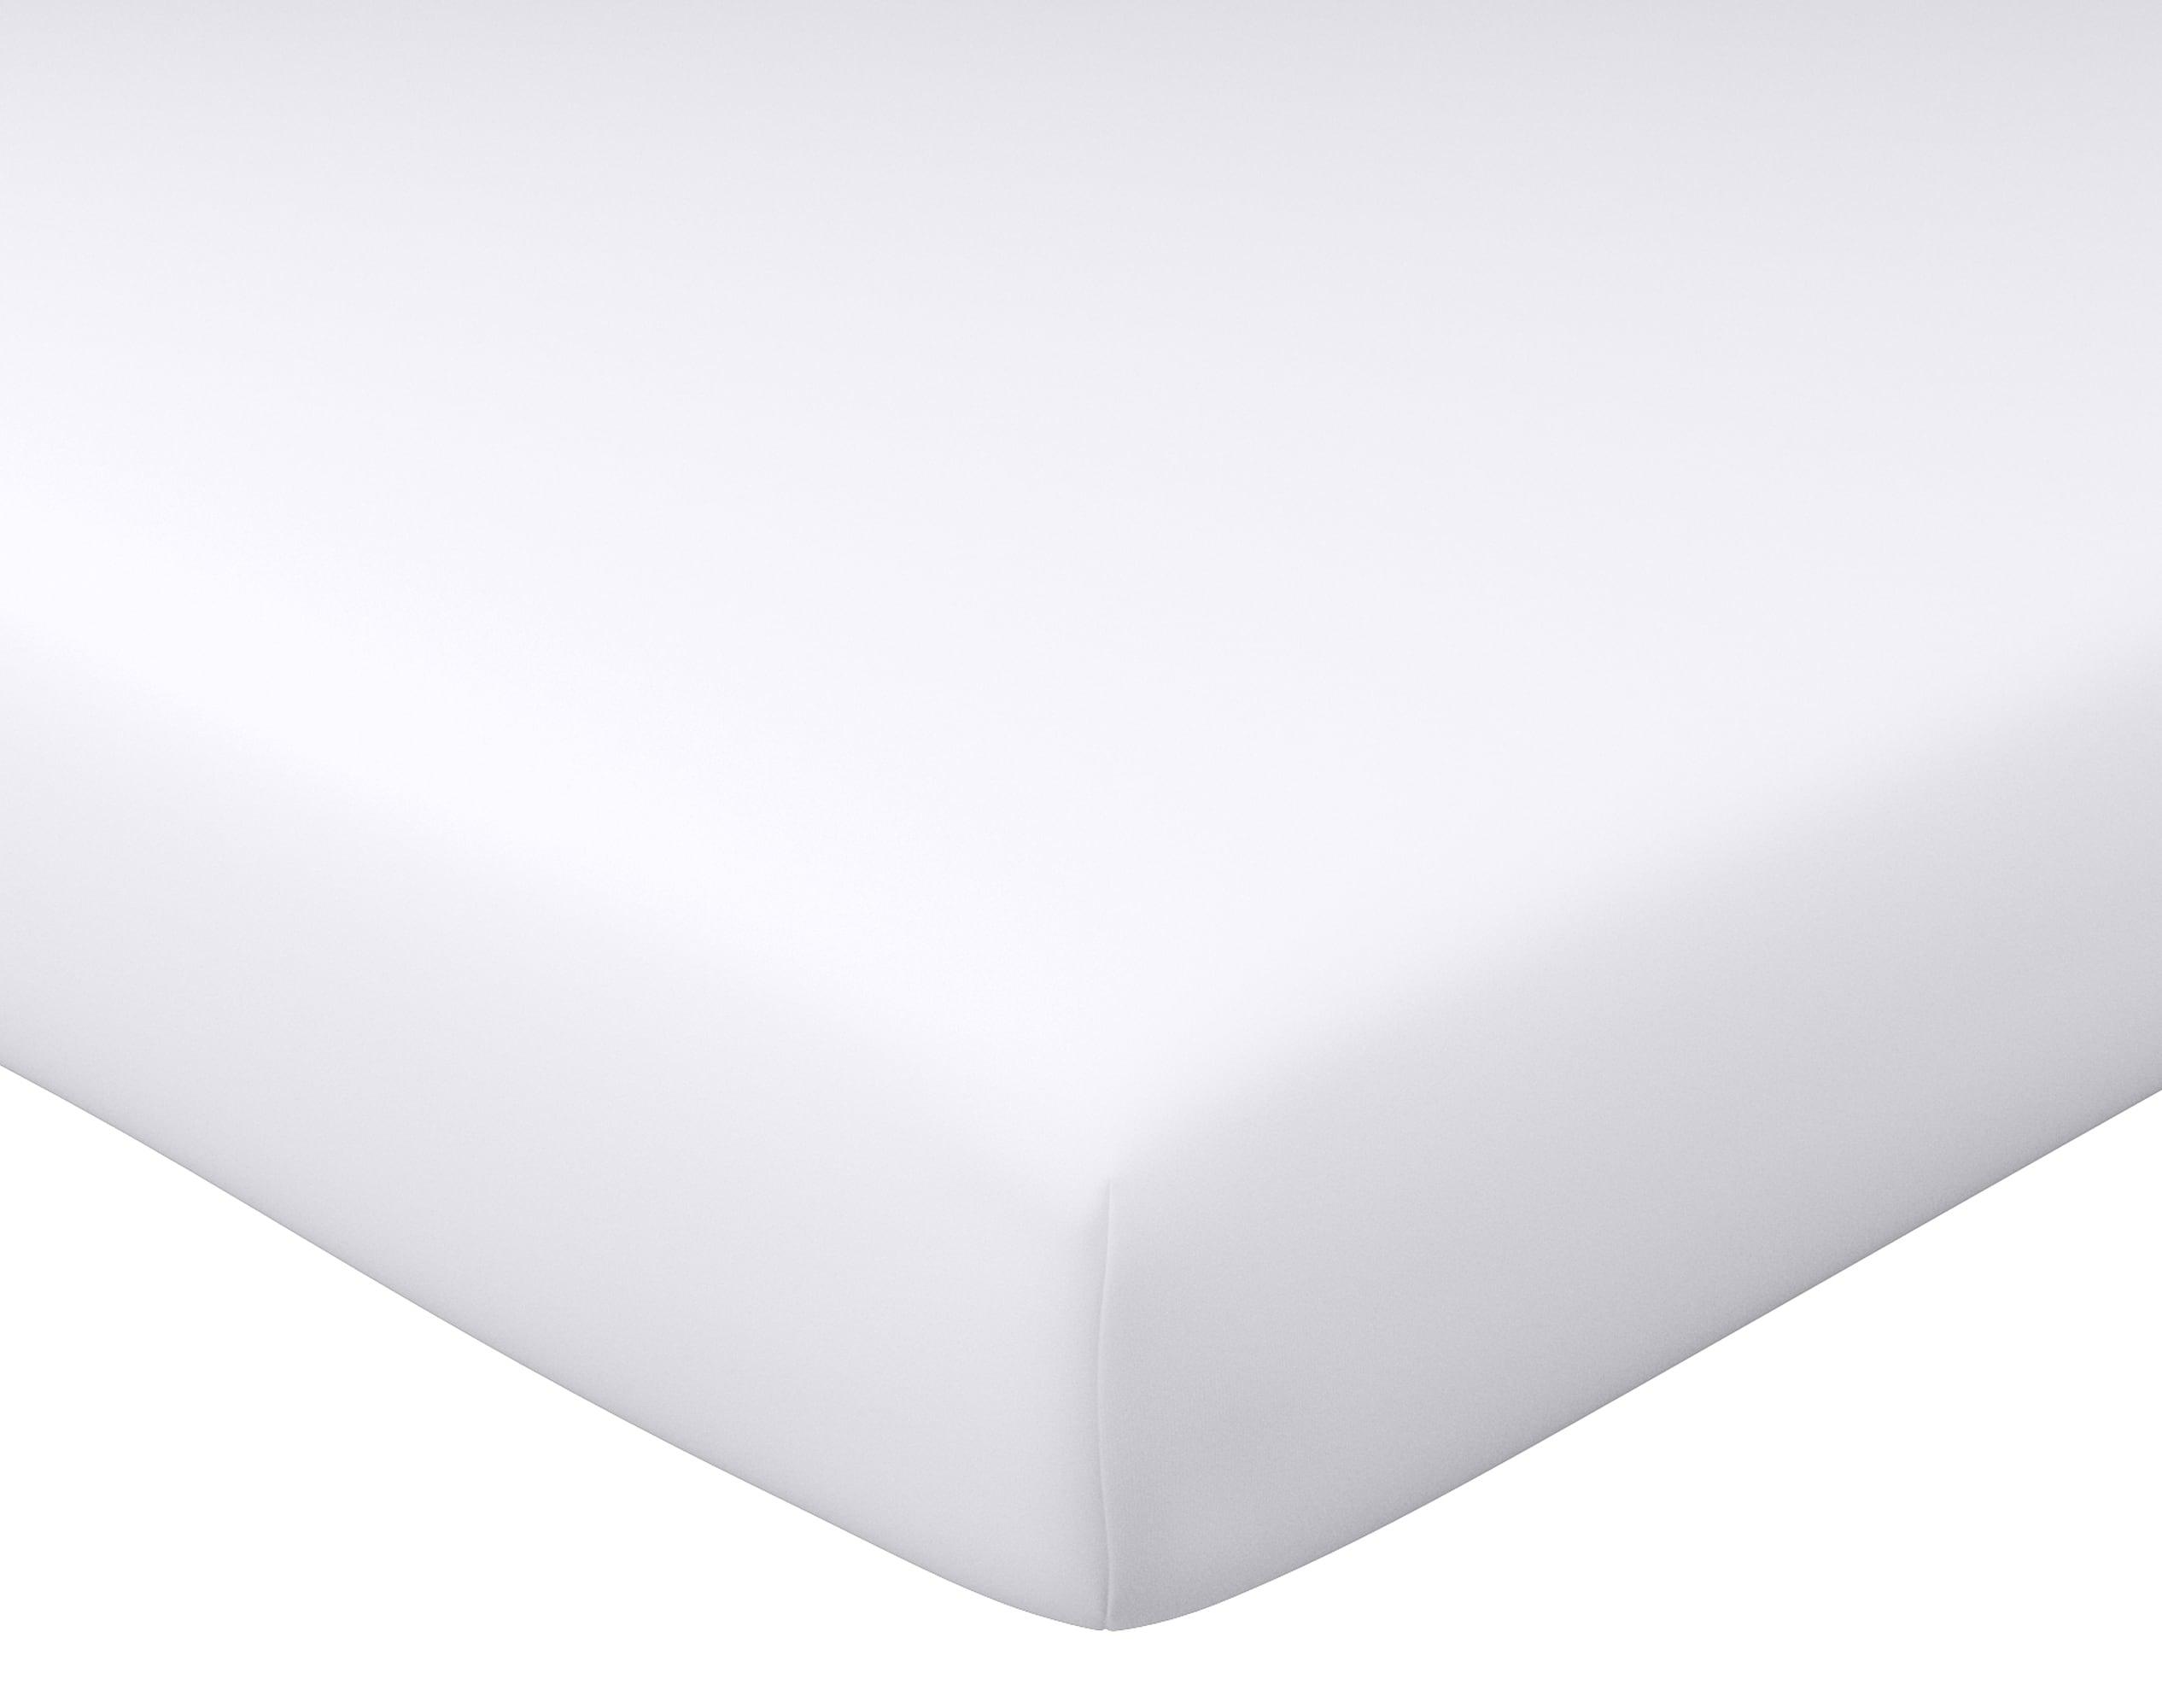 Drap-housse 80x190 en coton blanc